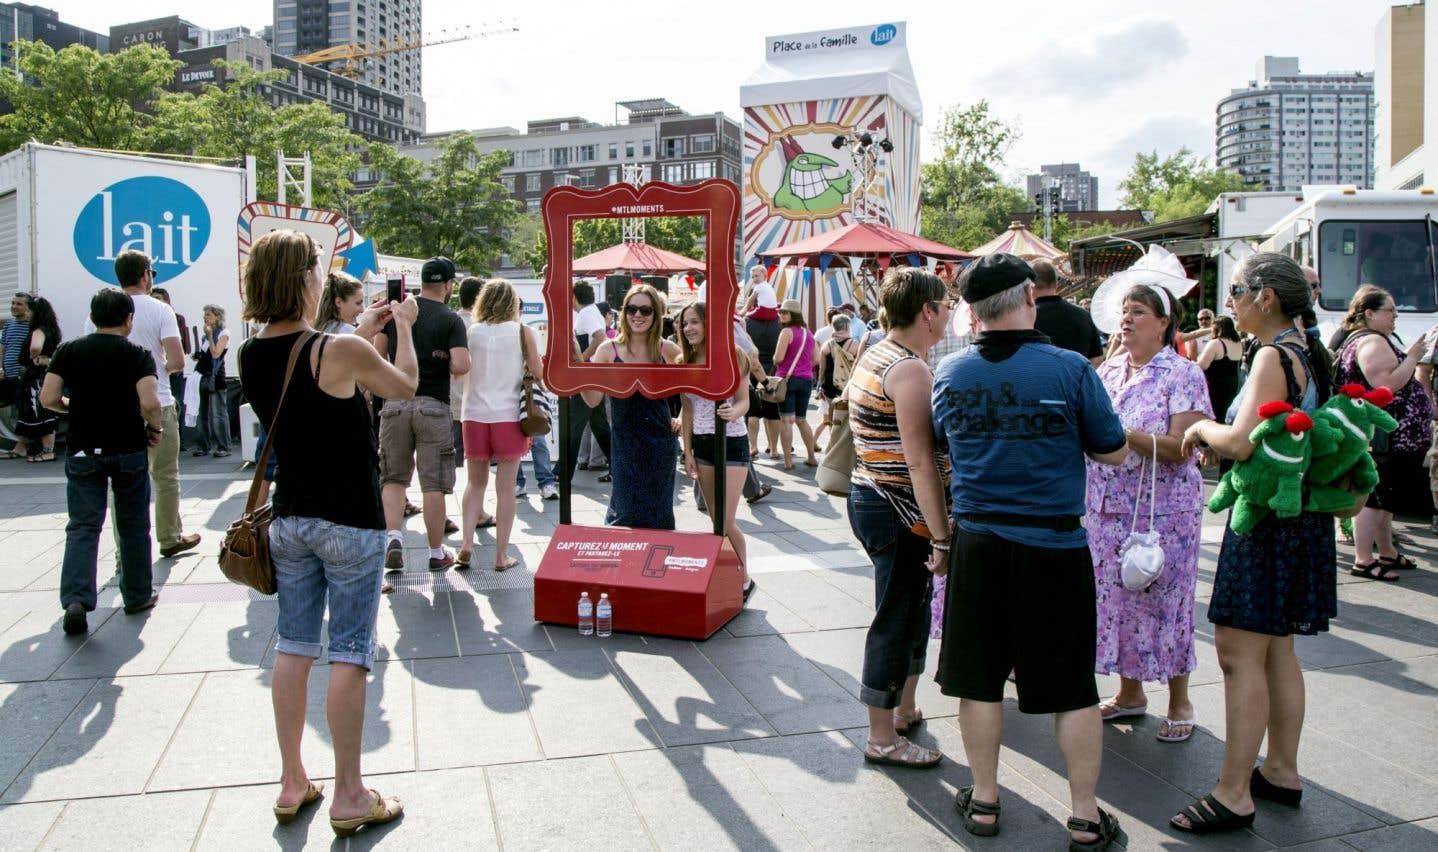 La campagne marketing de Tourisme Montréal autour du mot-clic #mtlmoments invitait les gens à diffuser leurs photos sur les réseaux sociaux.